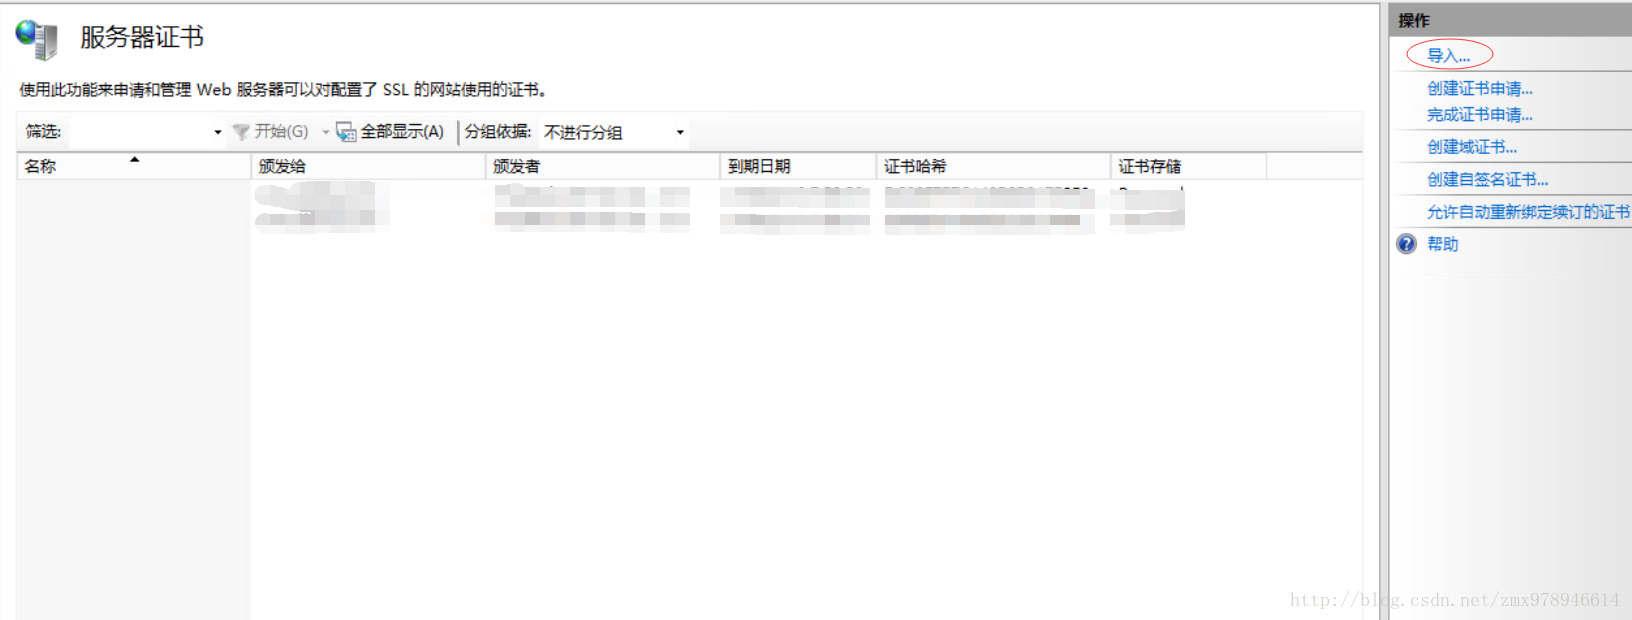 服务器多个网站ssl证书 互联网IT 第2张